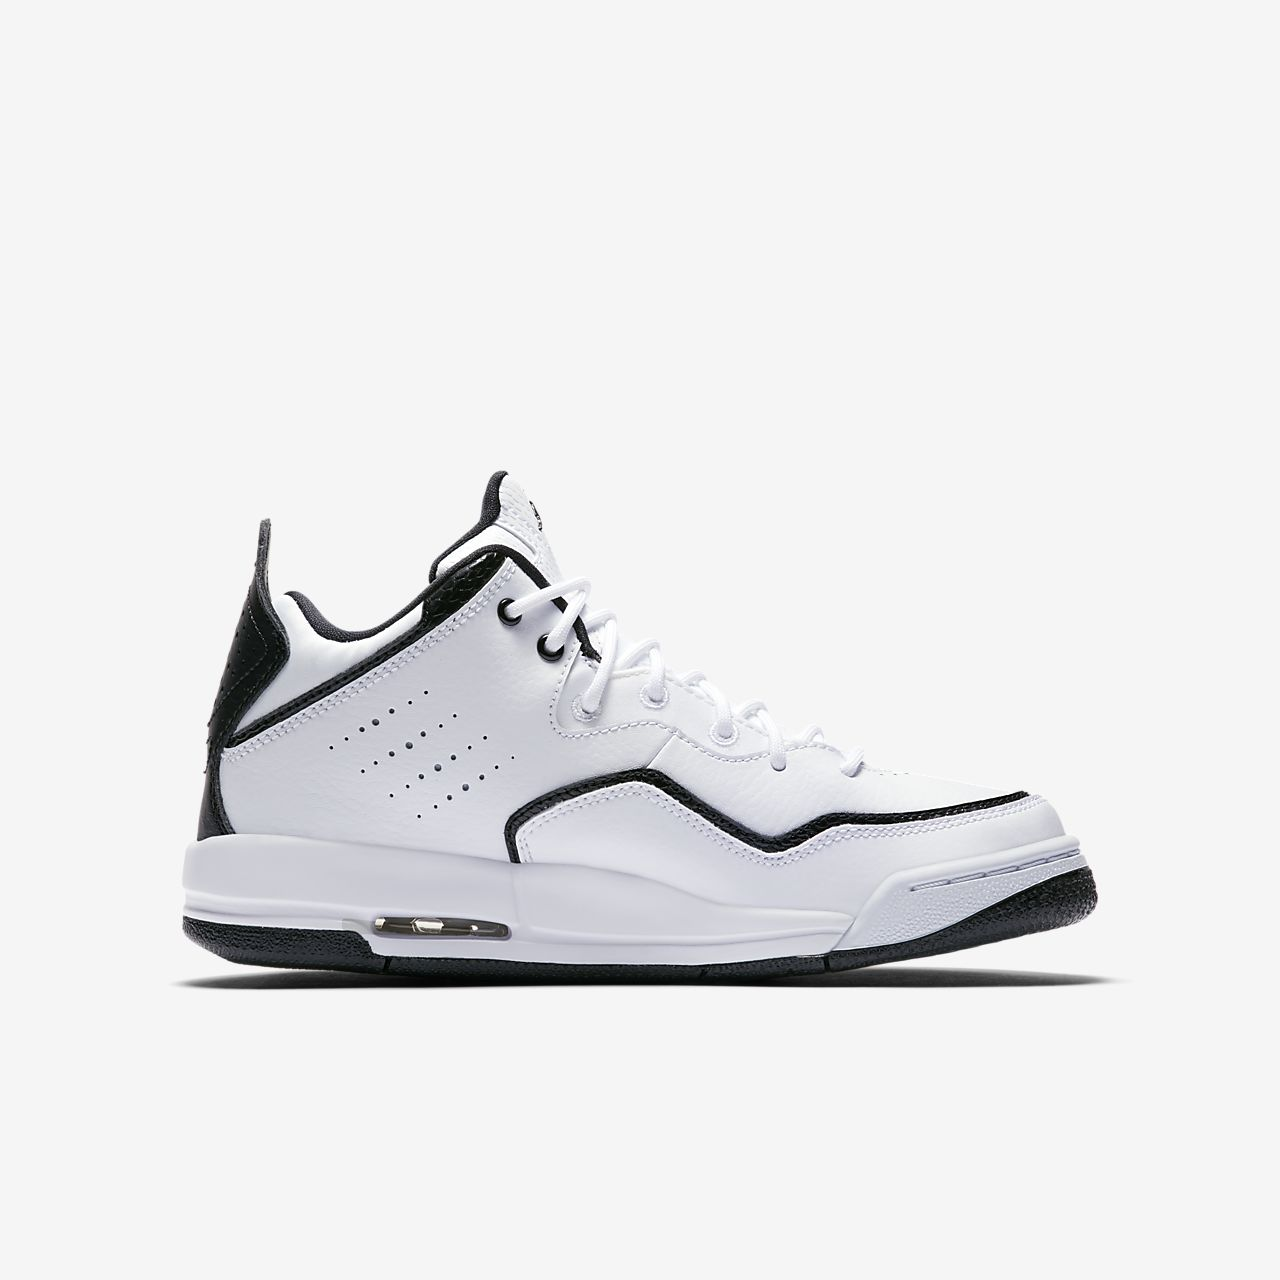 save off bbda5 0bfef Chaussure De Basket Jordan Courtside 23 Noir Pour Junior STuMBE